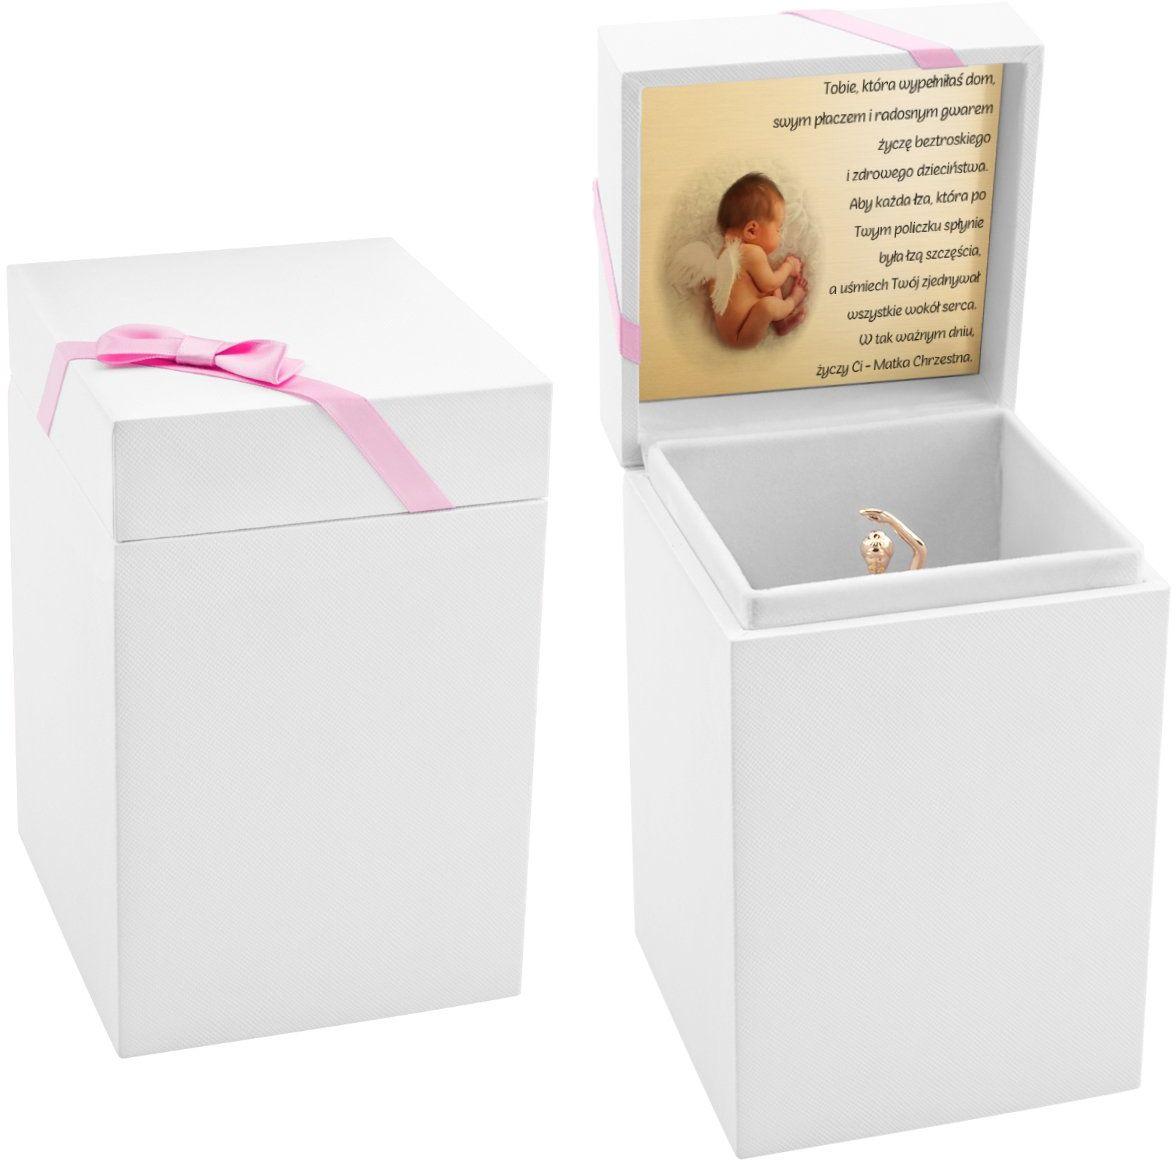 Pudełko na pozytywkę białe z Tabliczką personalizowaną